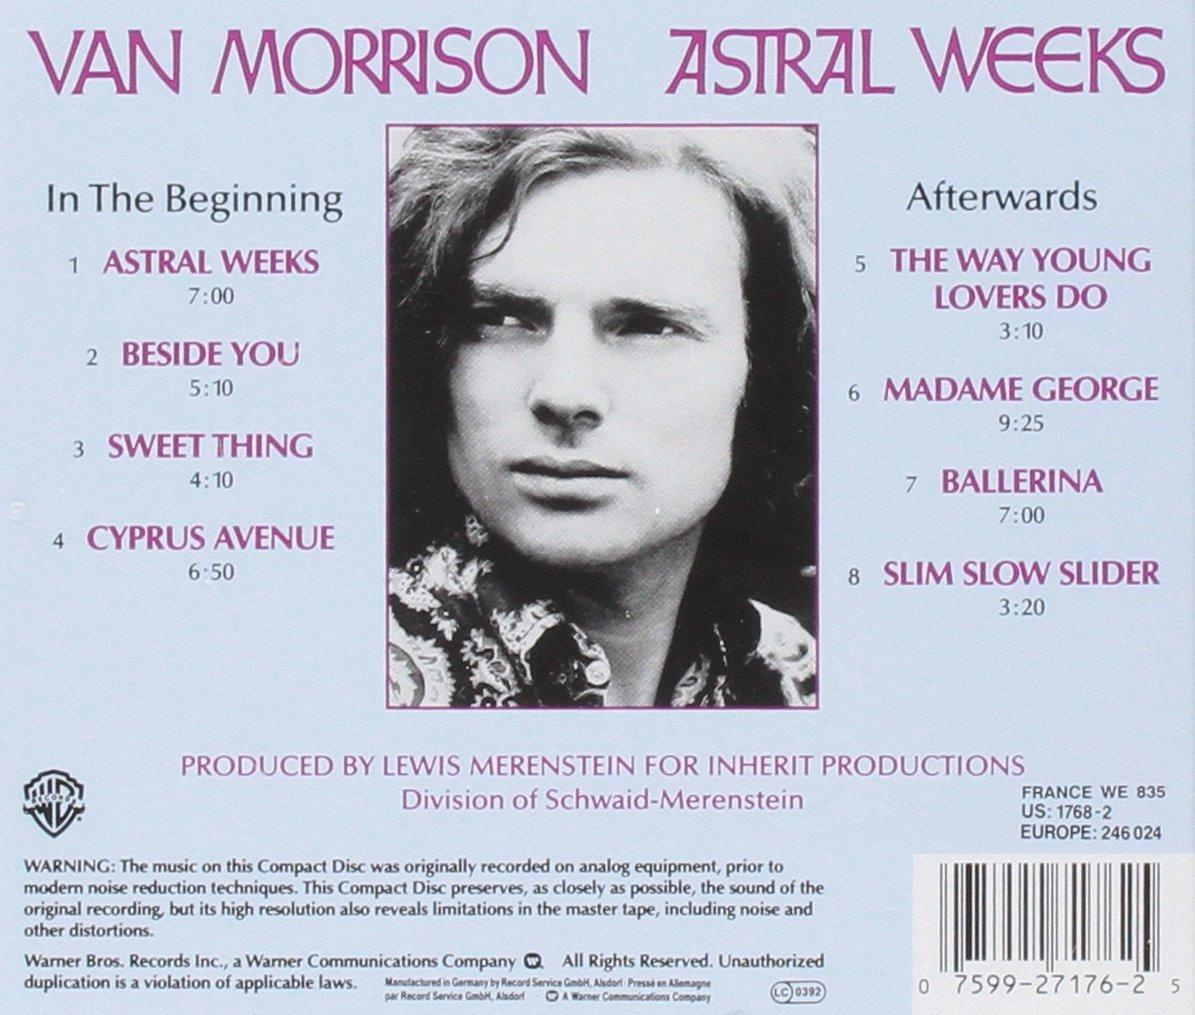 VAN MORRISON - Astral weeks_Retro_Cd